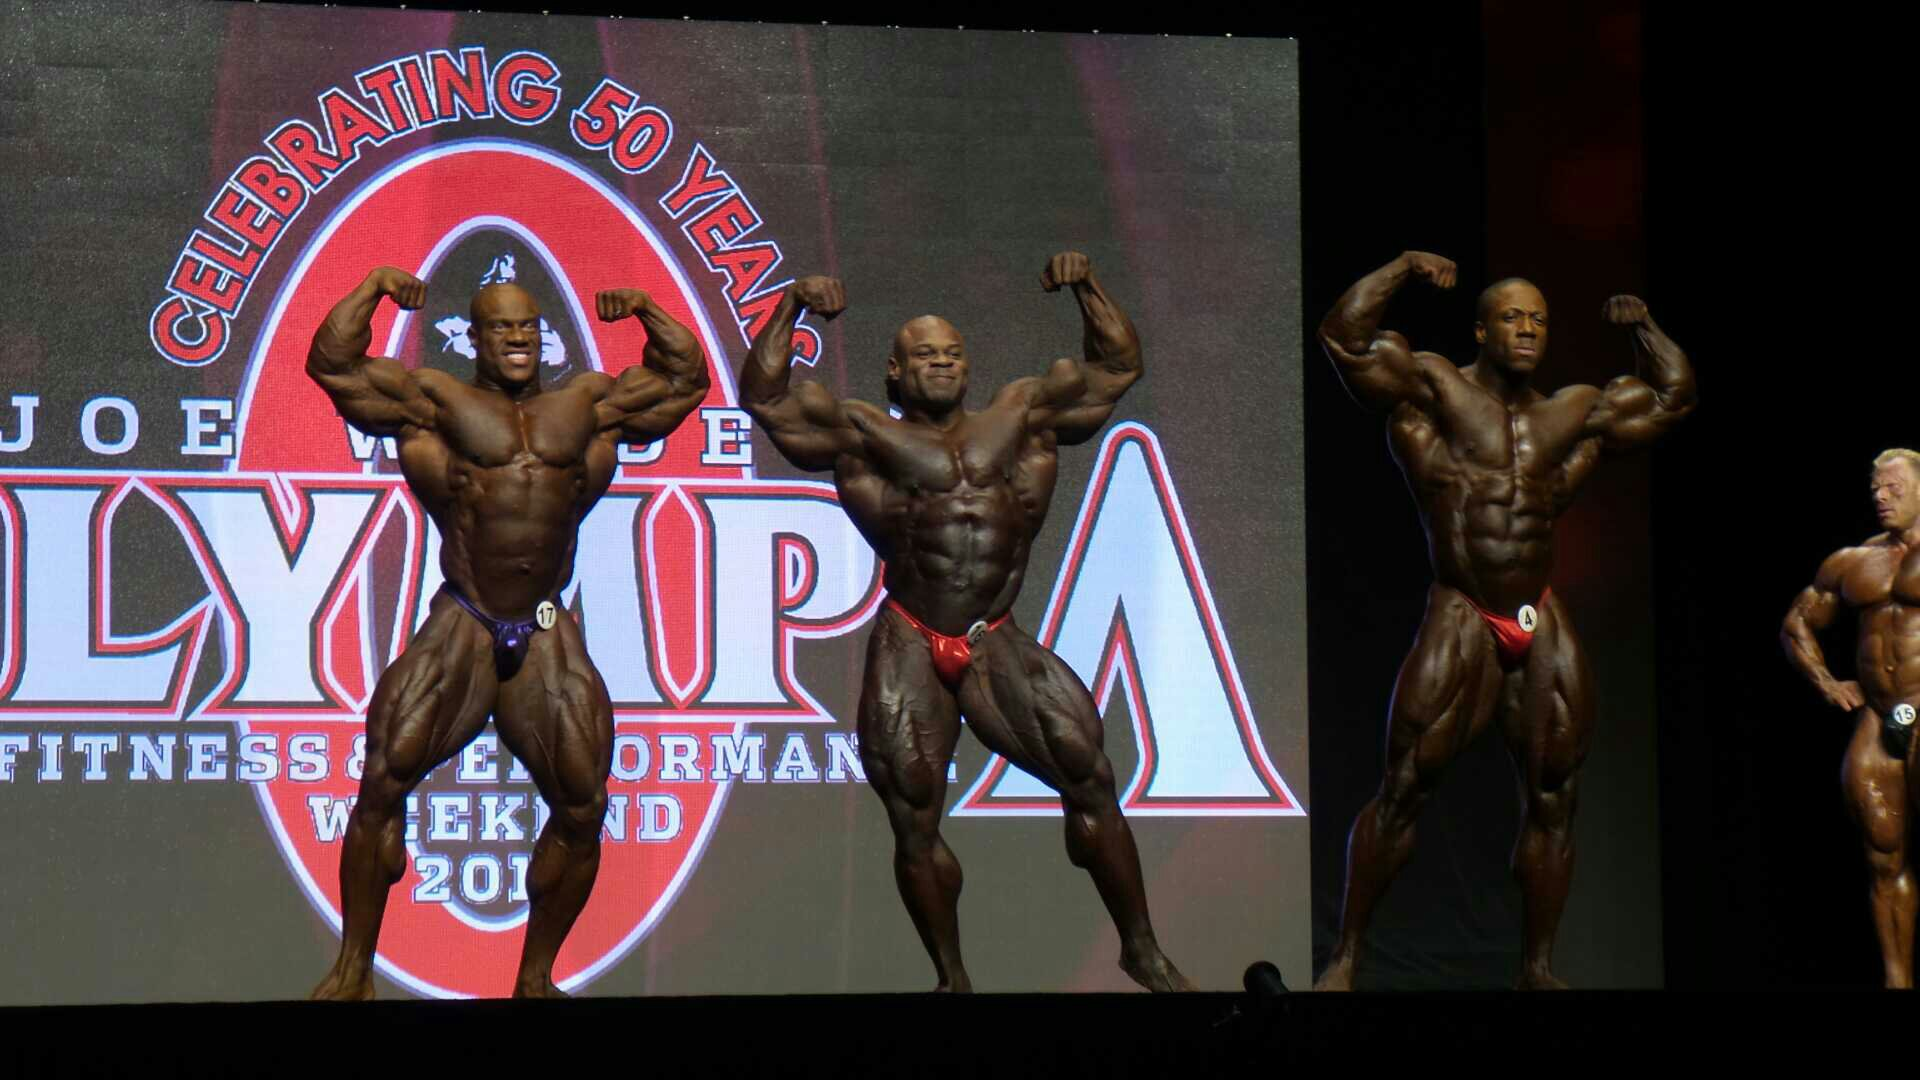 Mr. Olympia 2014 Webcast Qy2y3a3u